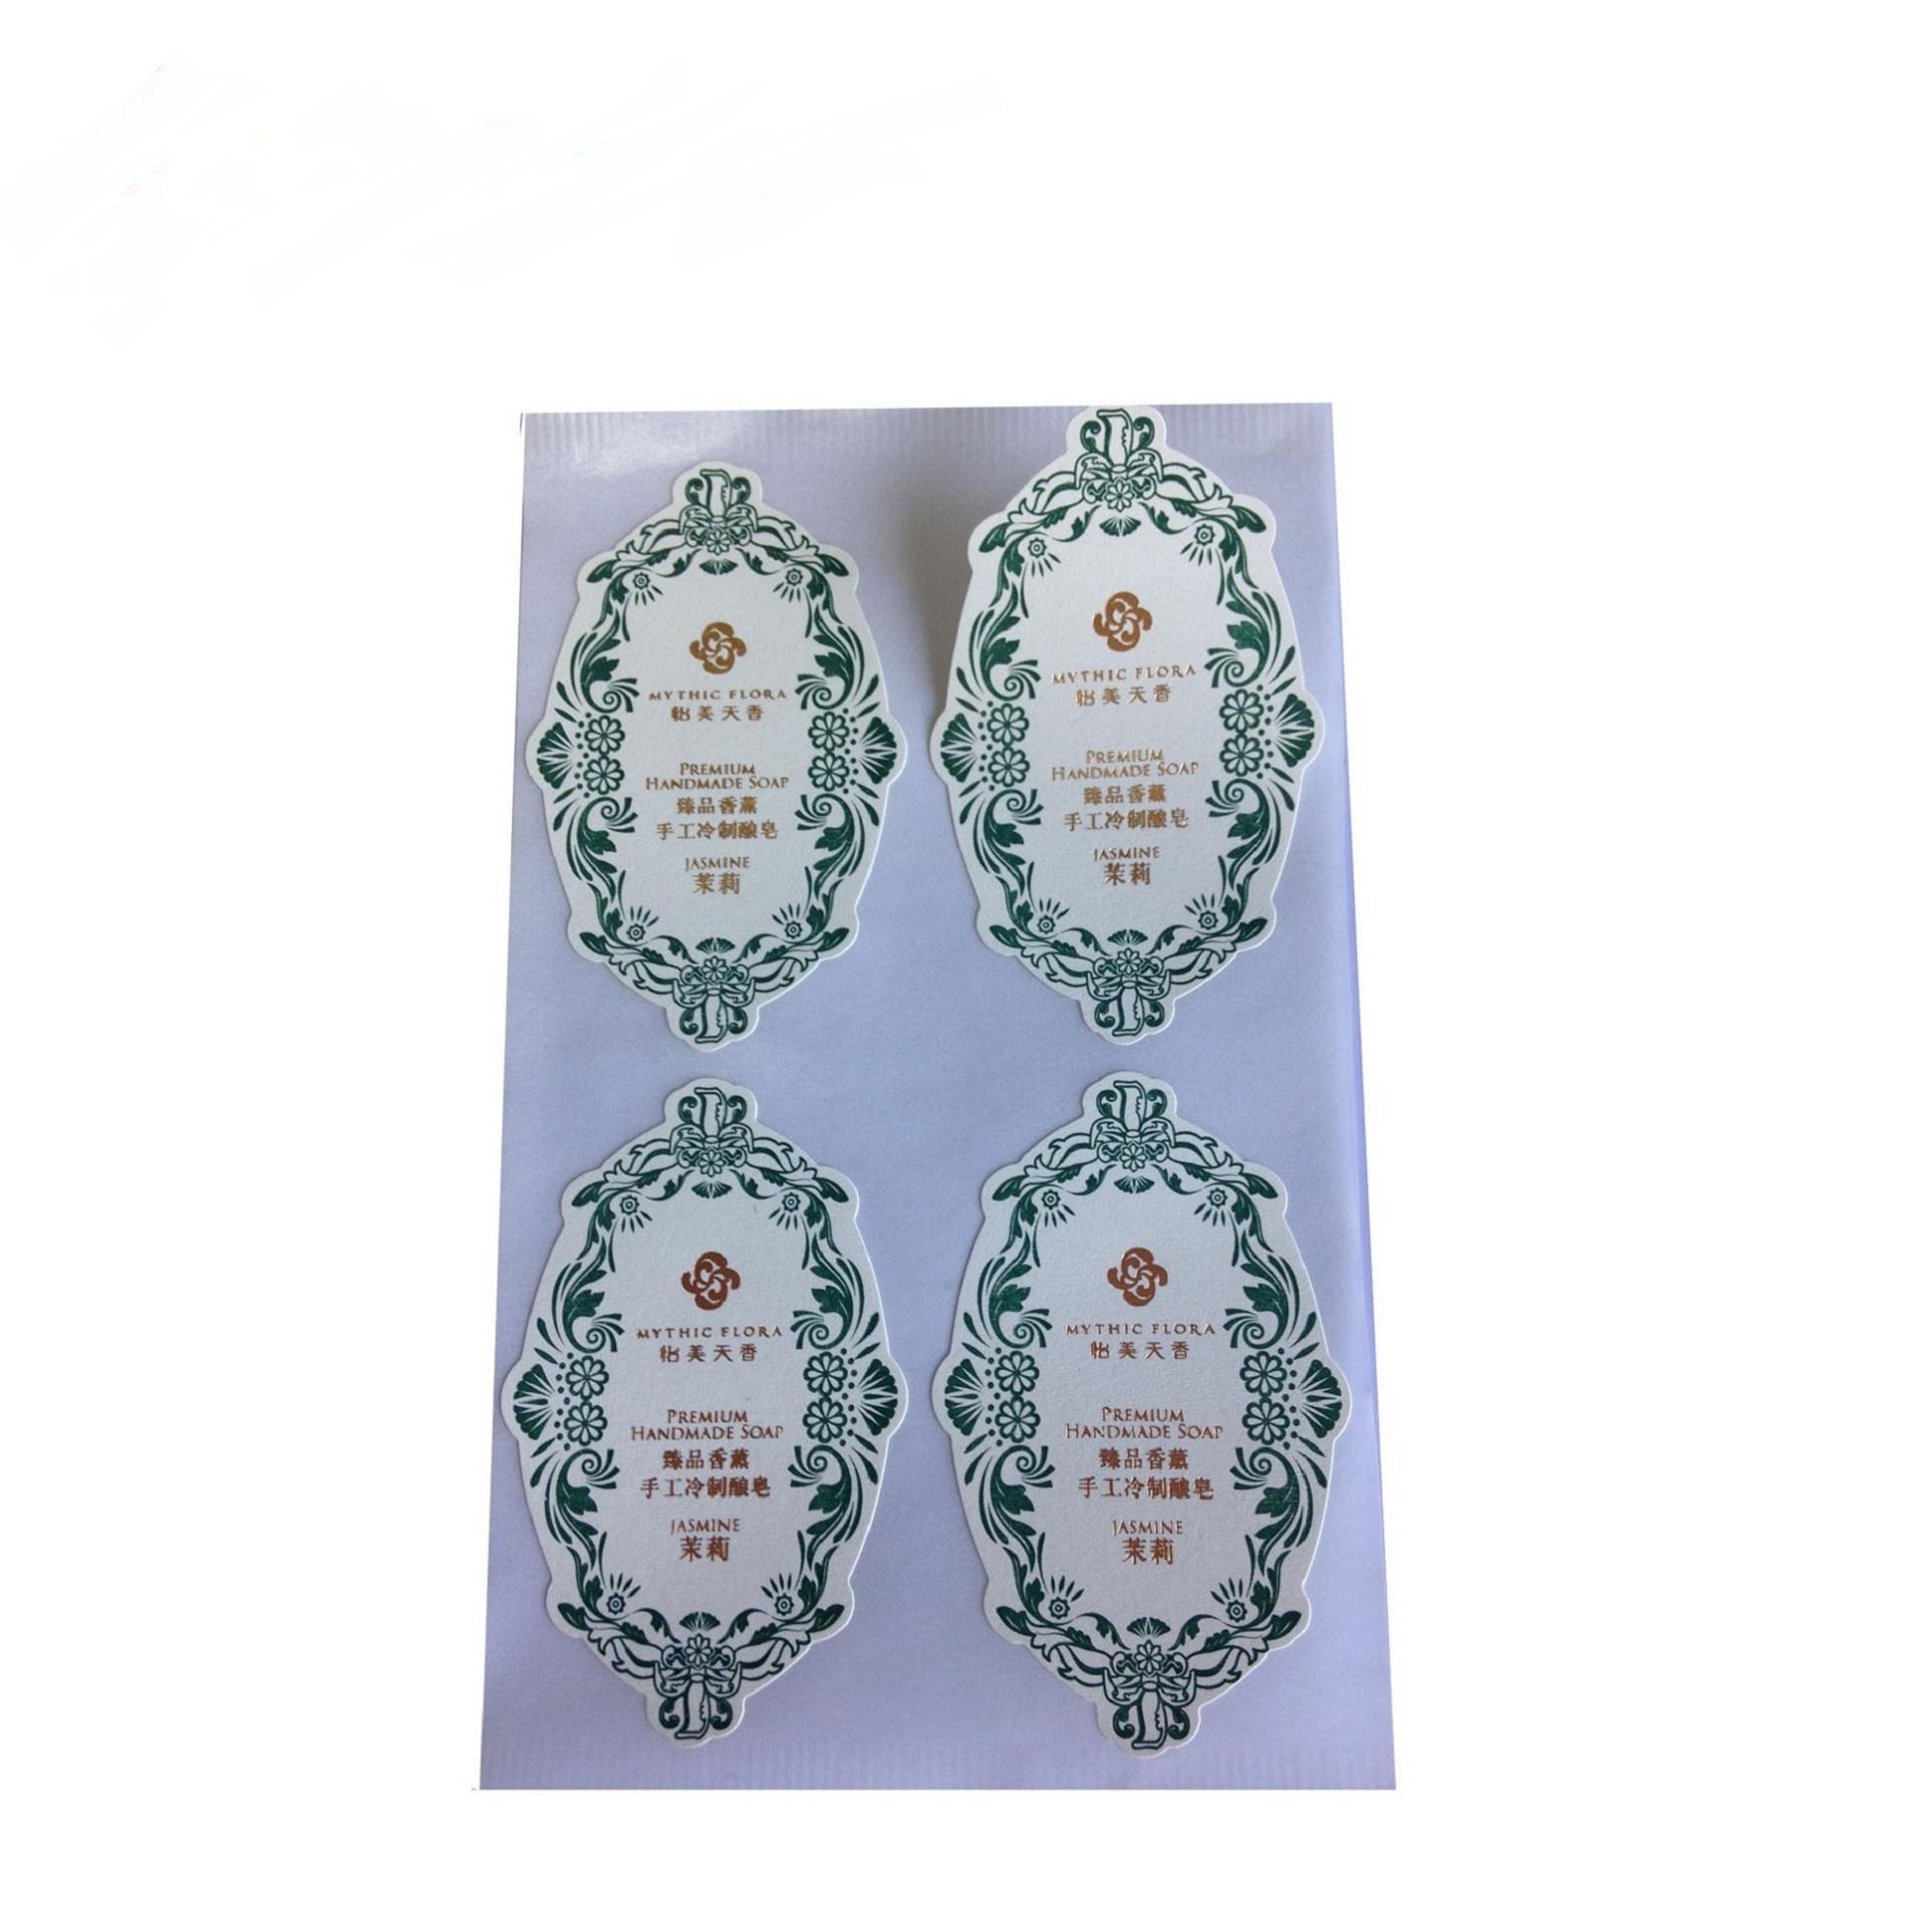 좋은 판매 롤 라운드 컬러 레이블, 사용자 정의 원 종이 스티커 라벨 인쇄